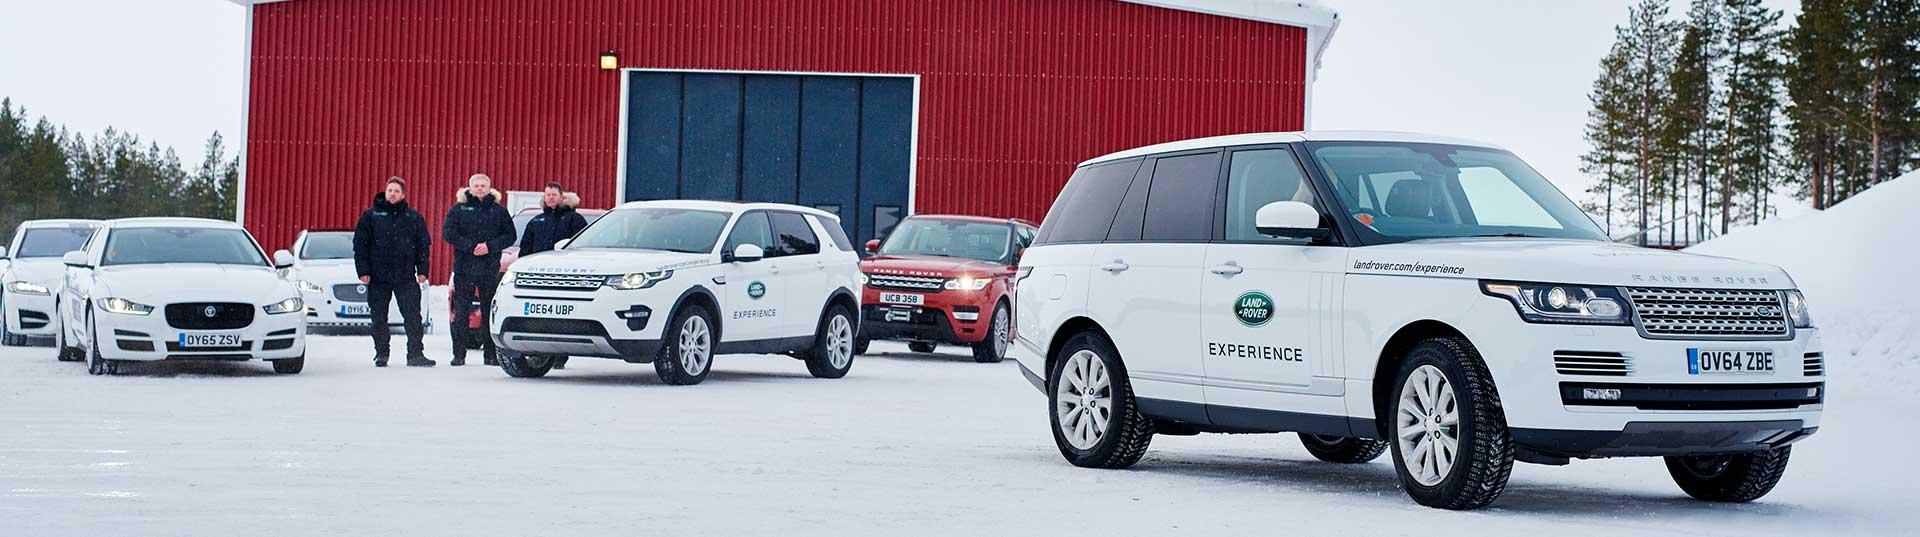 Jaguar Academia de Condução no Gelo